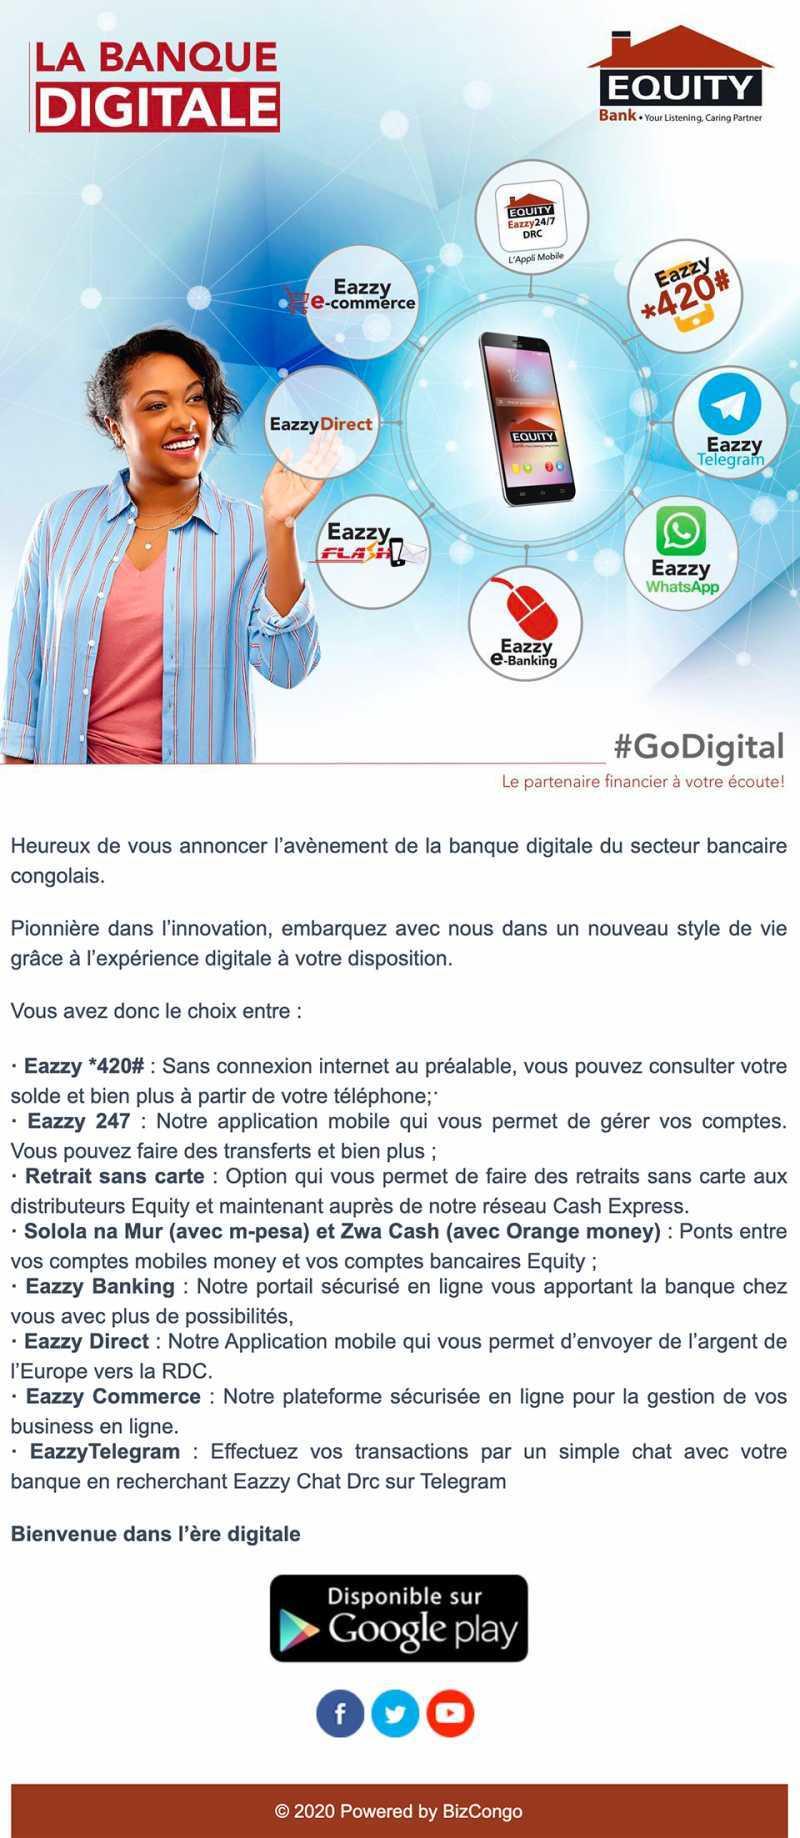 EQUITY BANK CONGO